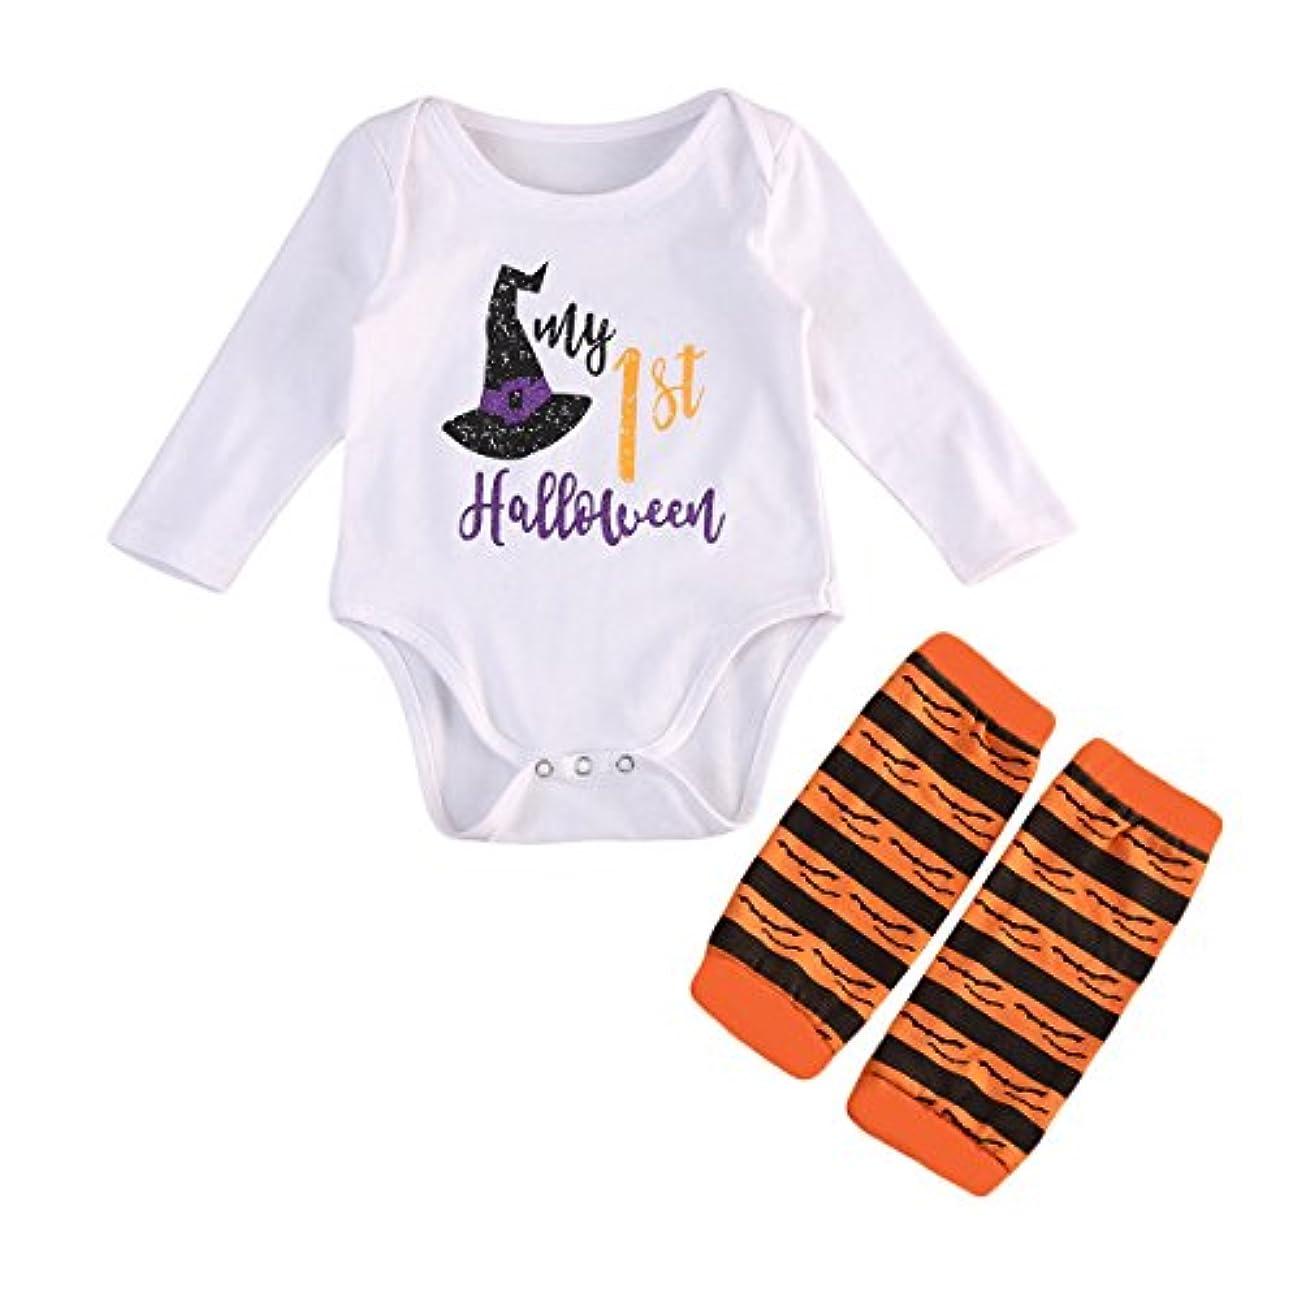 踏み台報復する擬人ロンパース ロングスリーブTシャツトップ 赤ちゃん 魔女の帽子のパターン ラウンドネック ホワイトジャンプスーツ パジャマ ストライプパターン ソックス かわいい ハロウィン 0-18ヶ月 (12-18ヶ月, ホワイト)